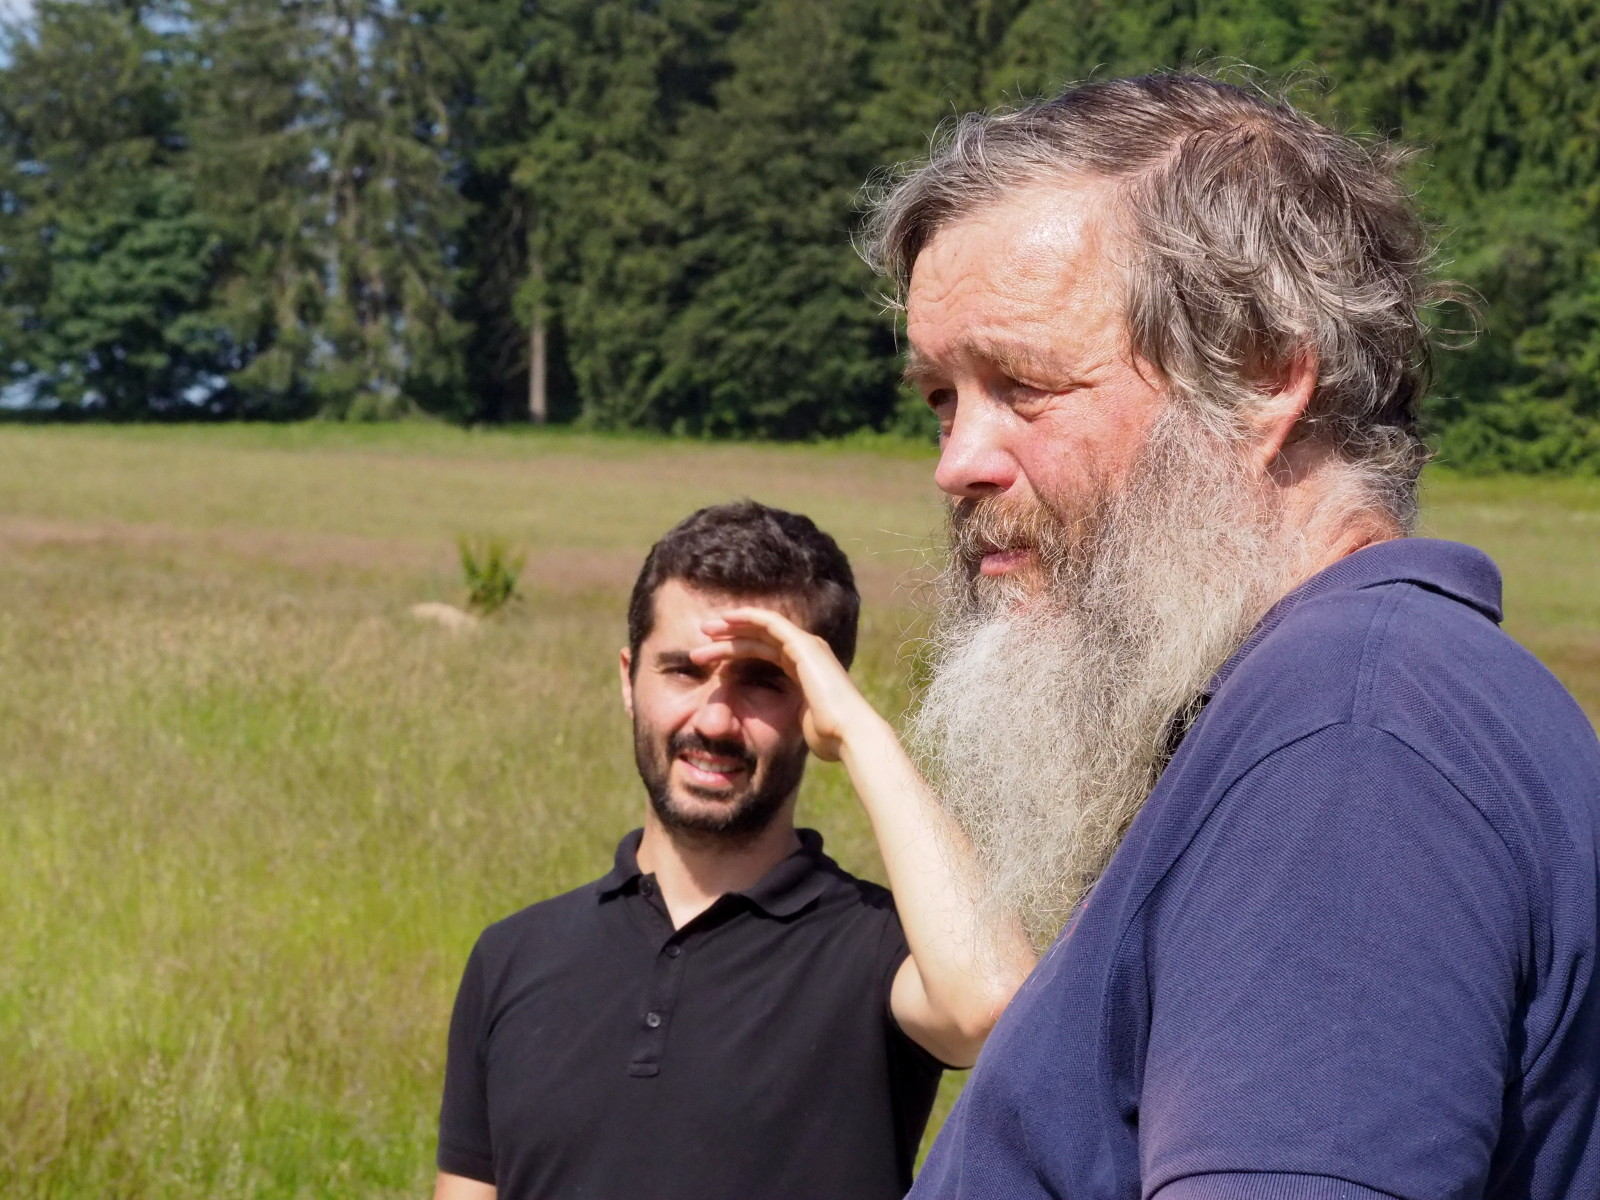 Biologe Karel Kleyn (rechts im Bild) erklärt Tiere und Pflanzen rund um Bärenfilz